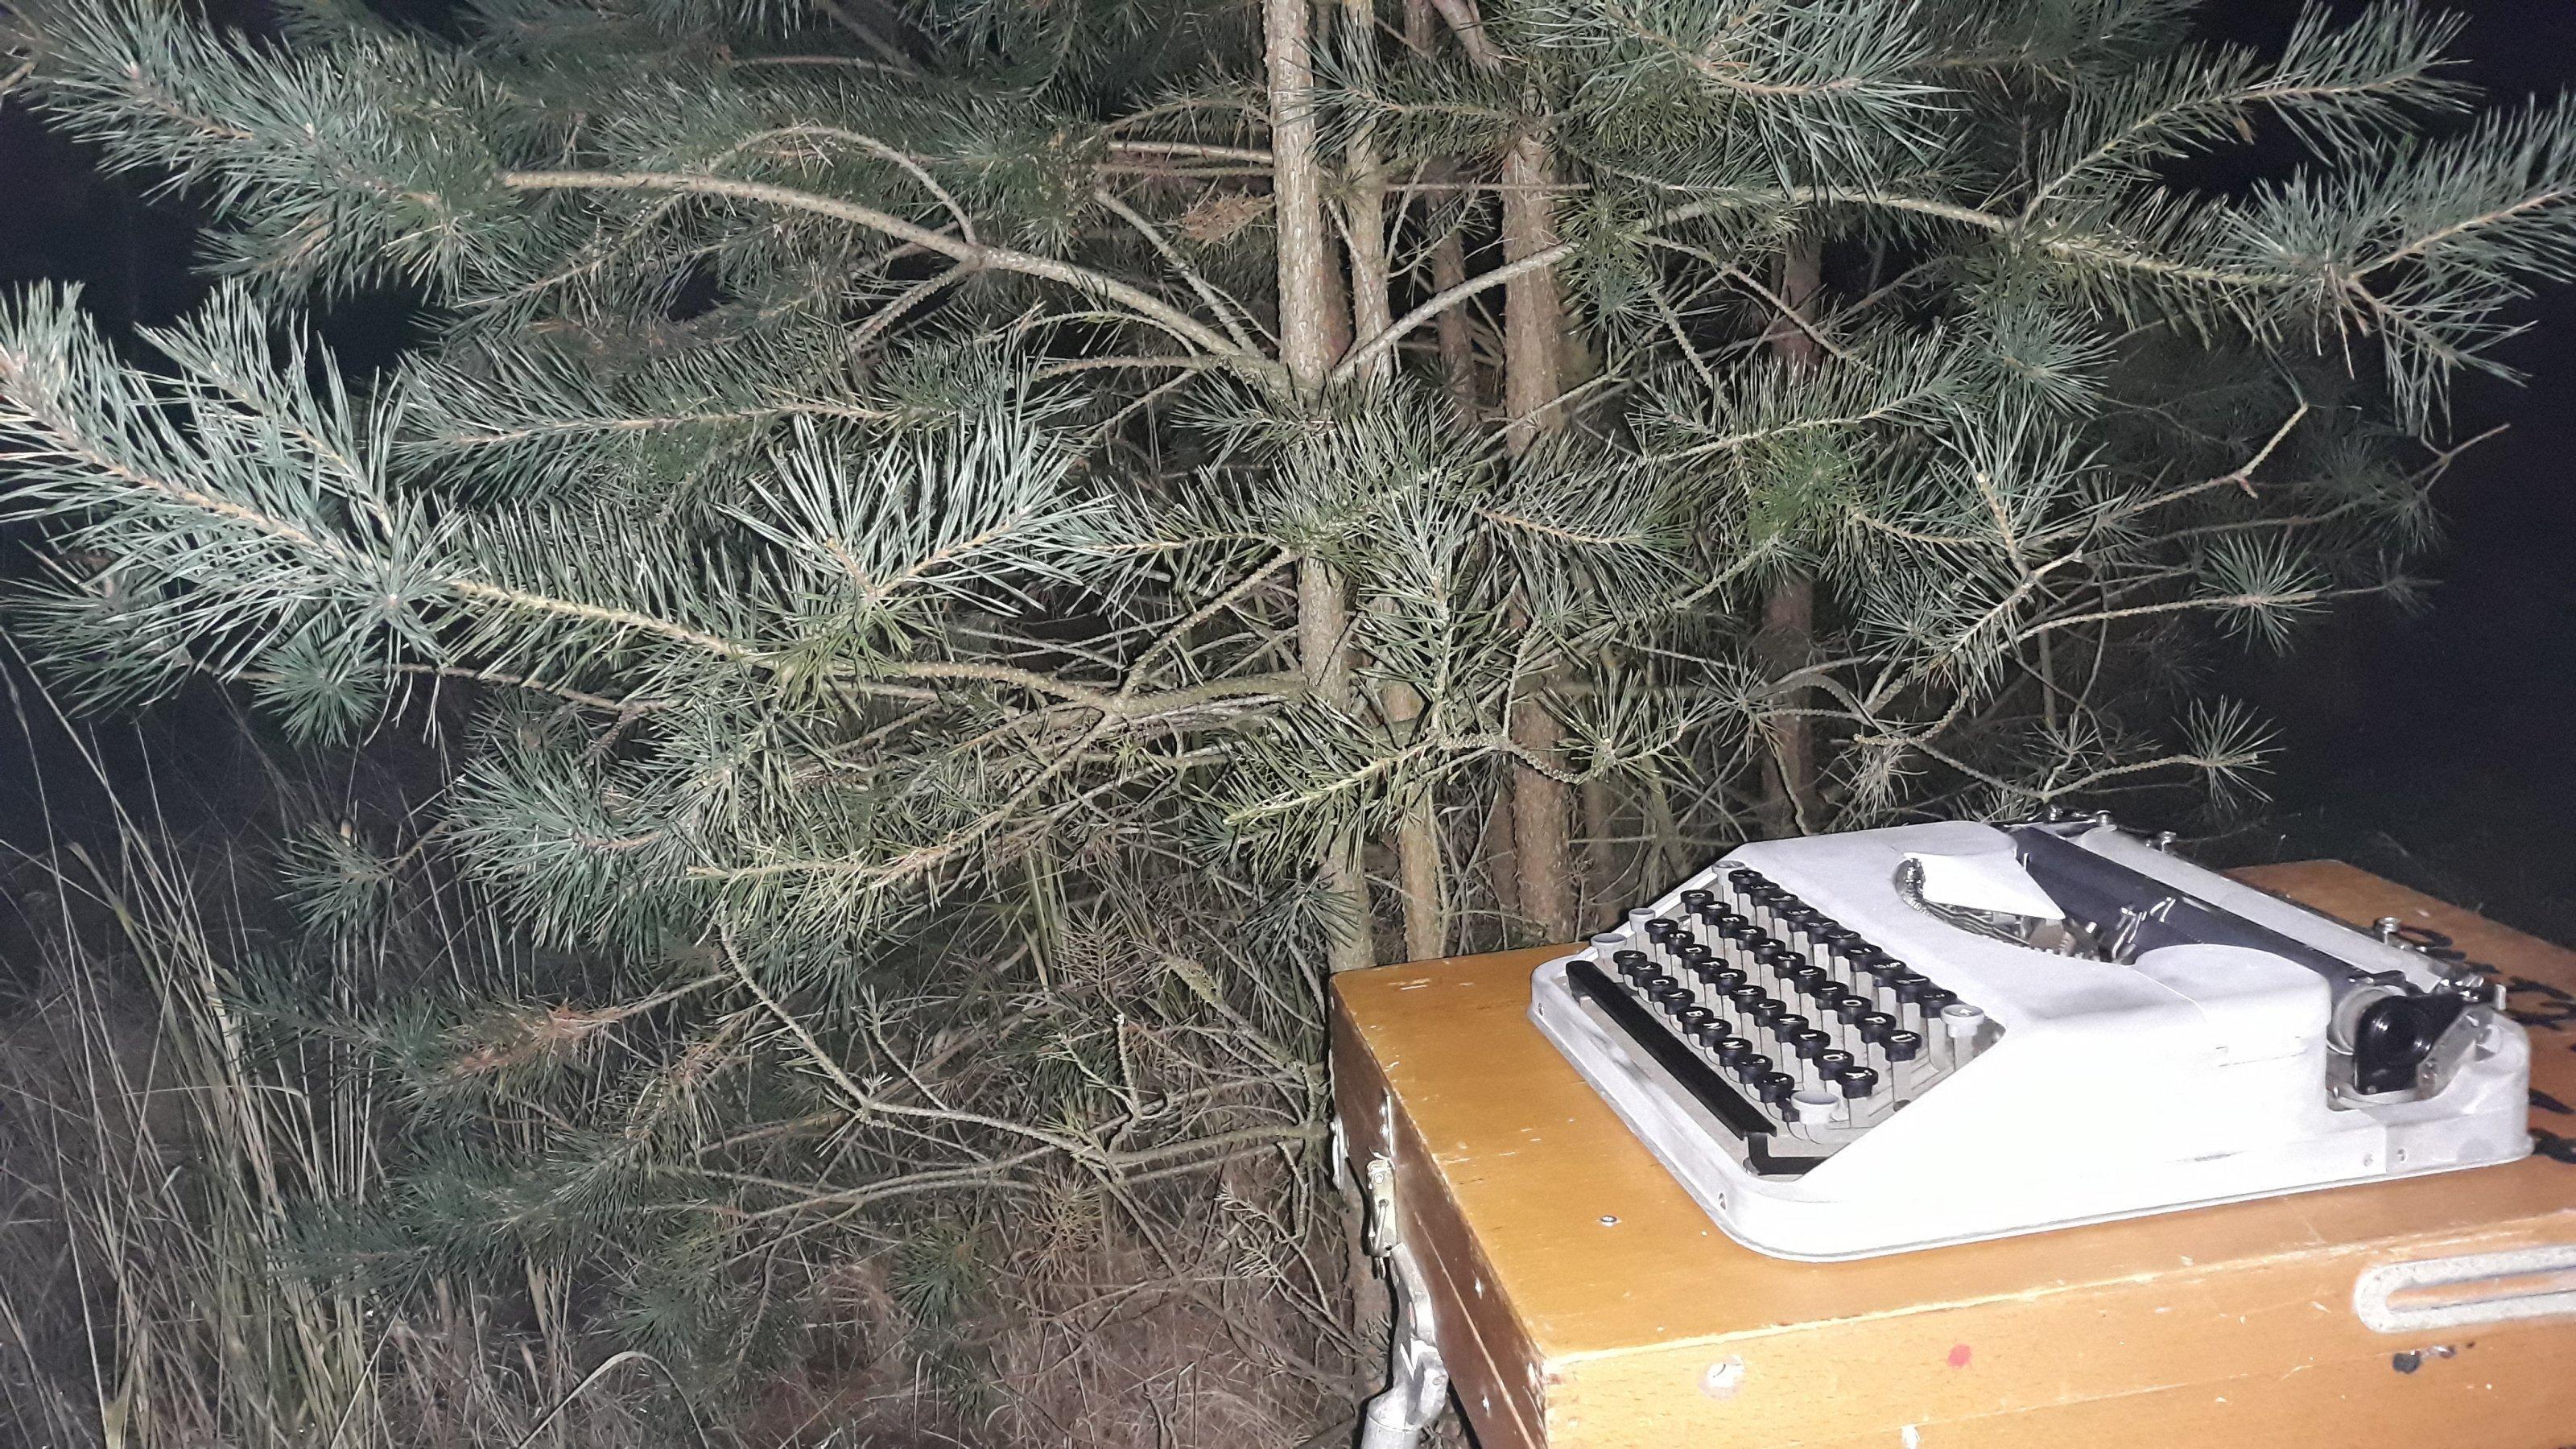 Der Klappschreibtisch mit der Hermes-Baby-Reiseschreibmaschine steht vor einer Kiefer im Wald. Es ist Nacht.